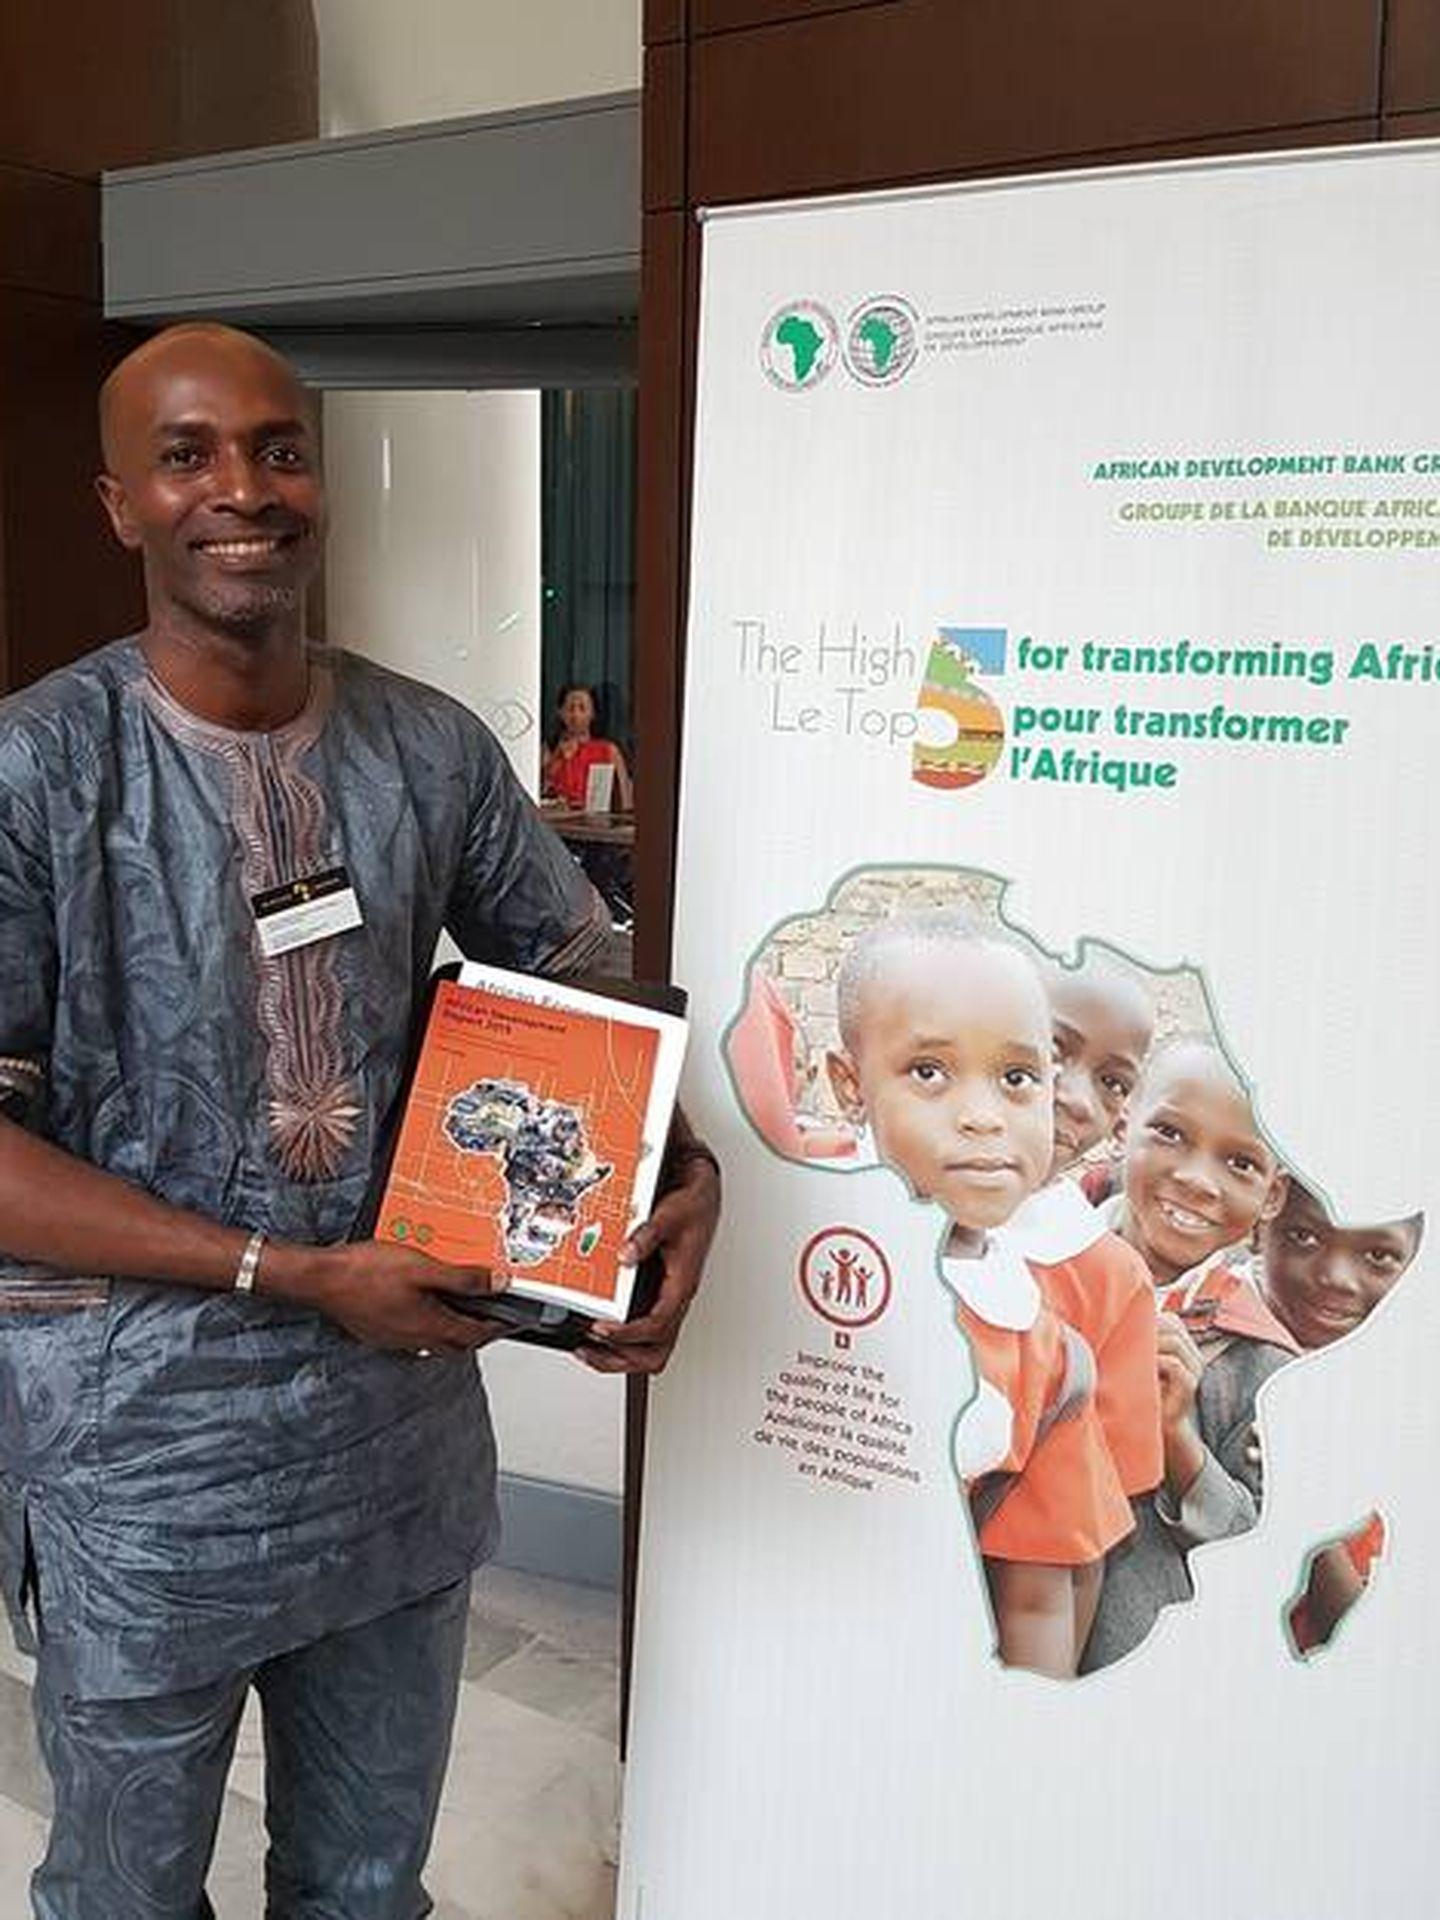 Un príncipe africano, que no nigeriano. (Princerandysogan.com)